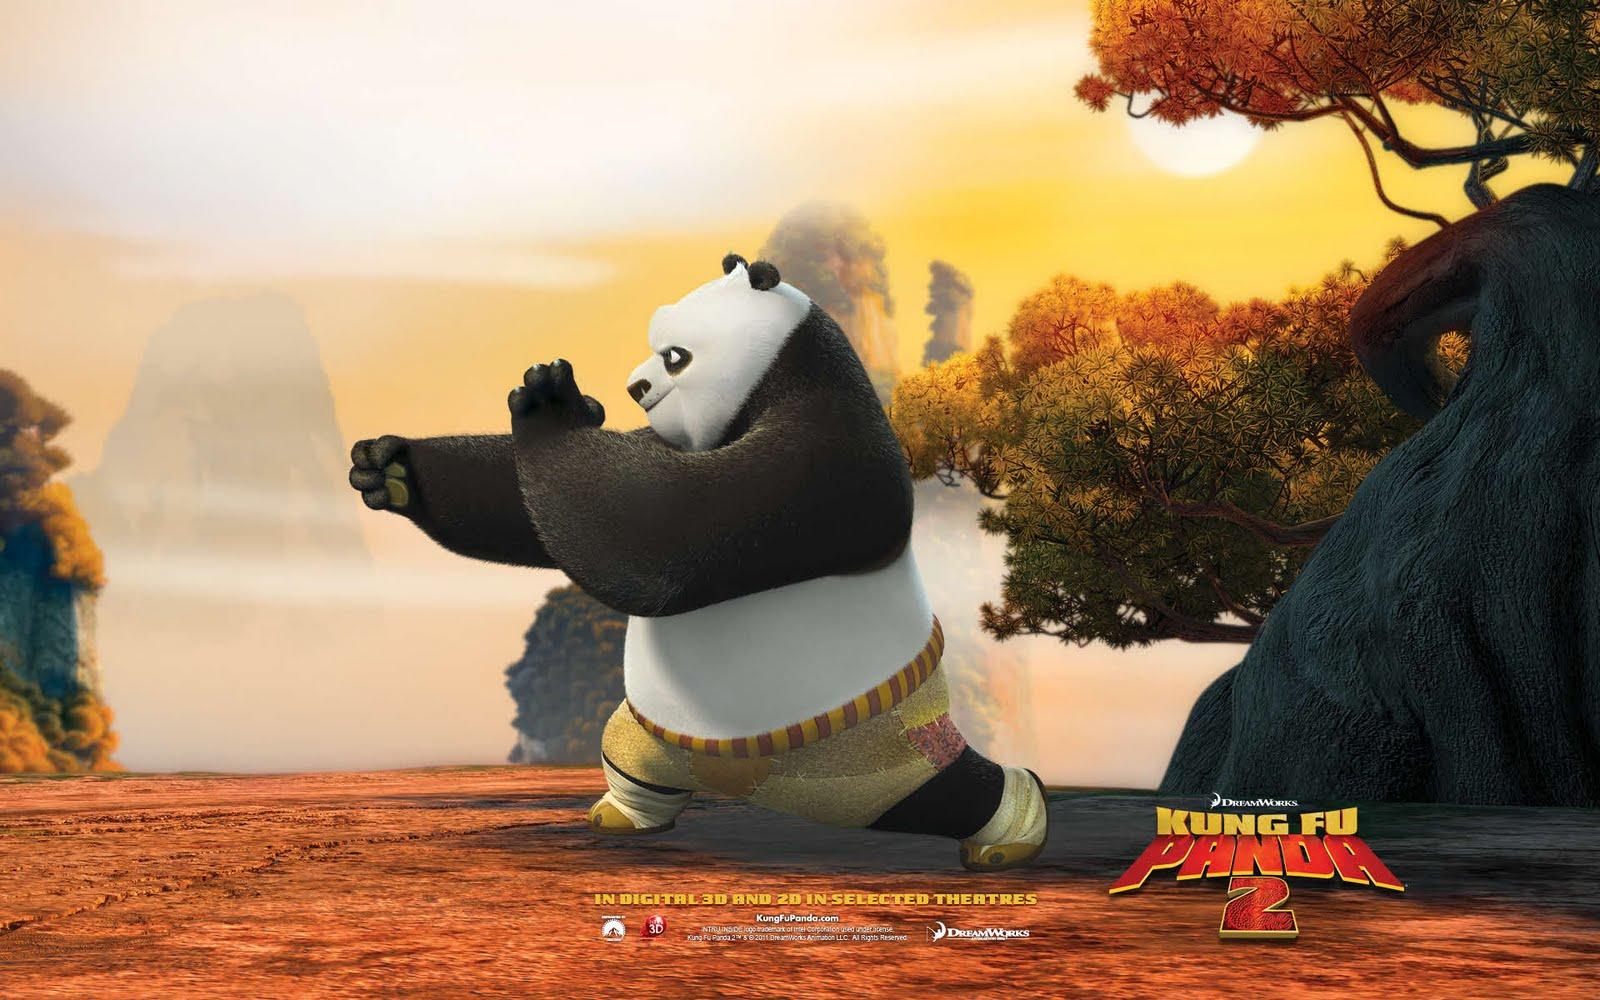 kungfu-panda-panda_wp1_1024-153359.jpeg